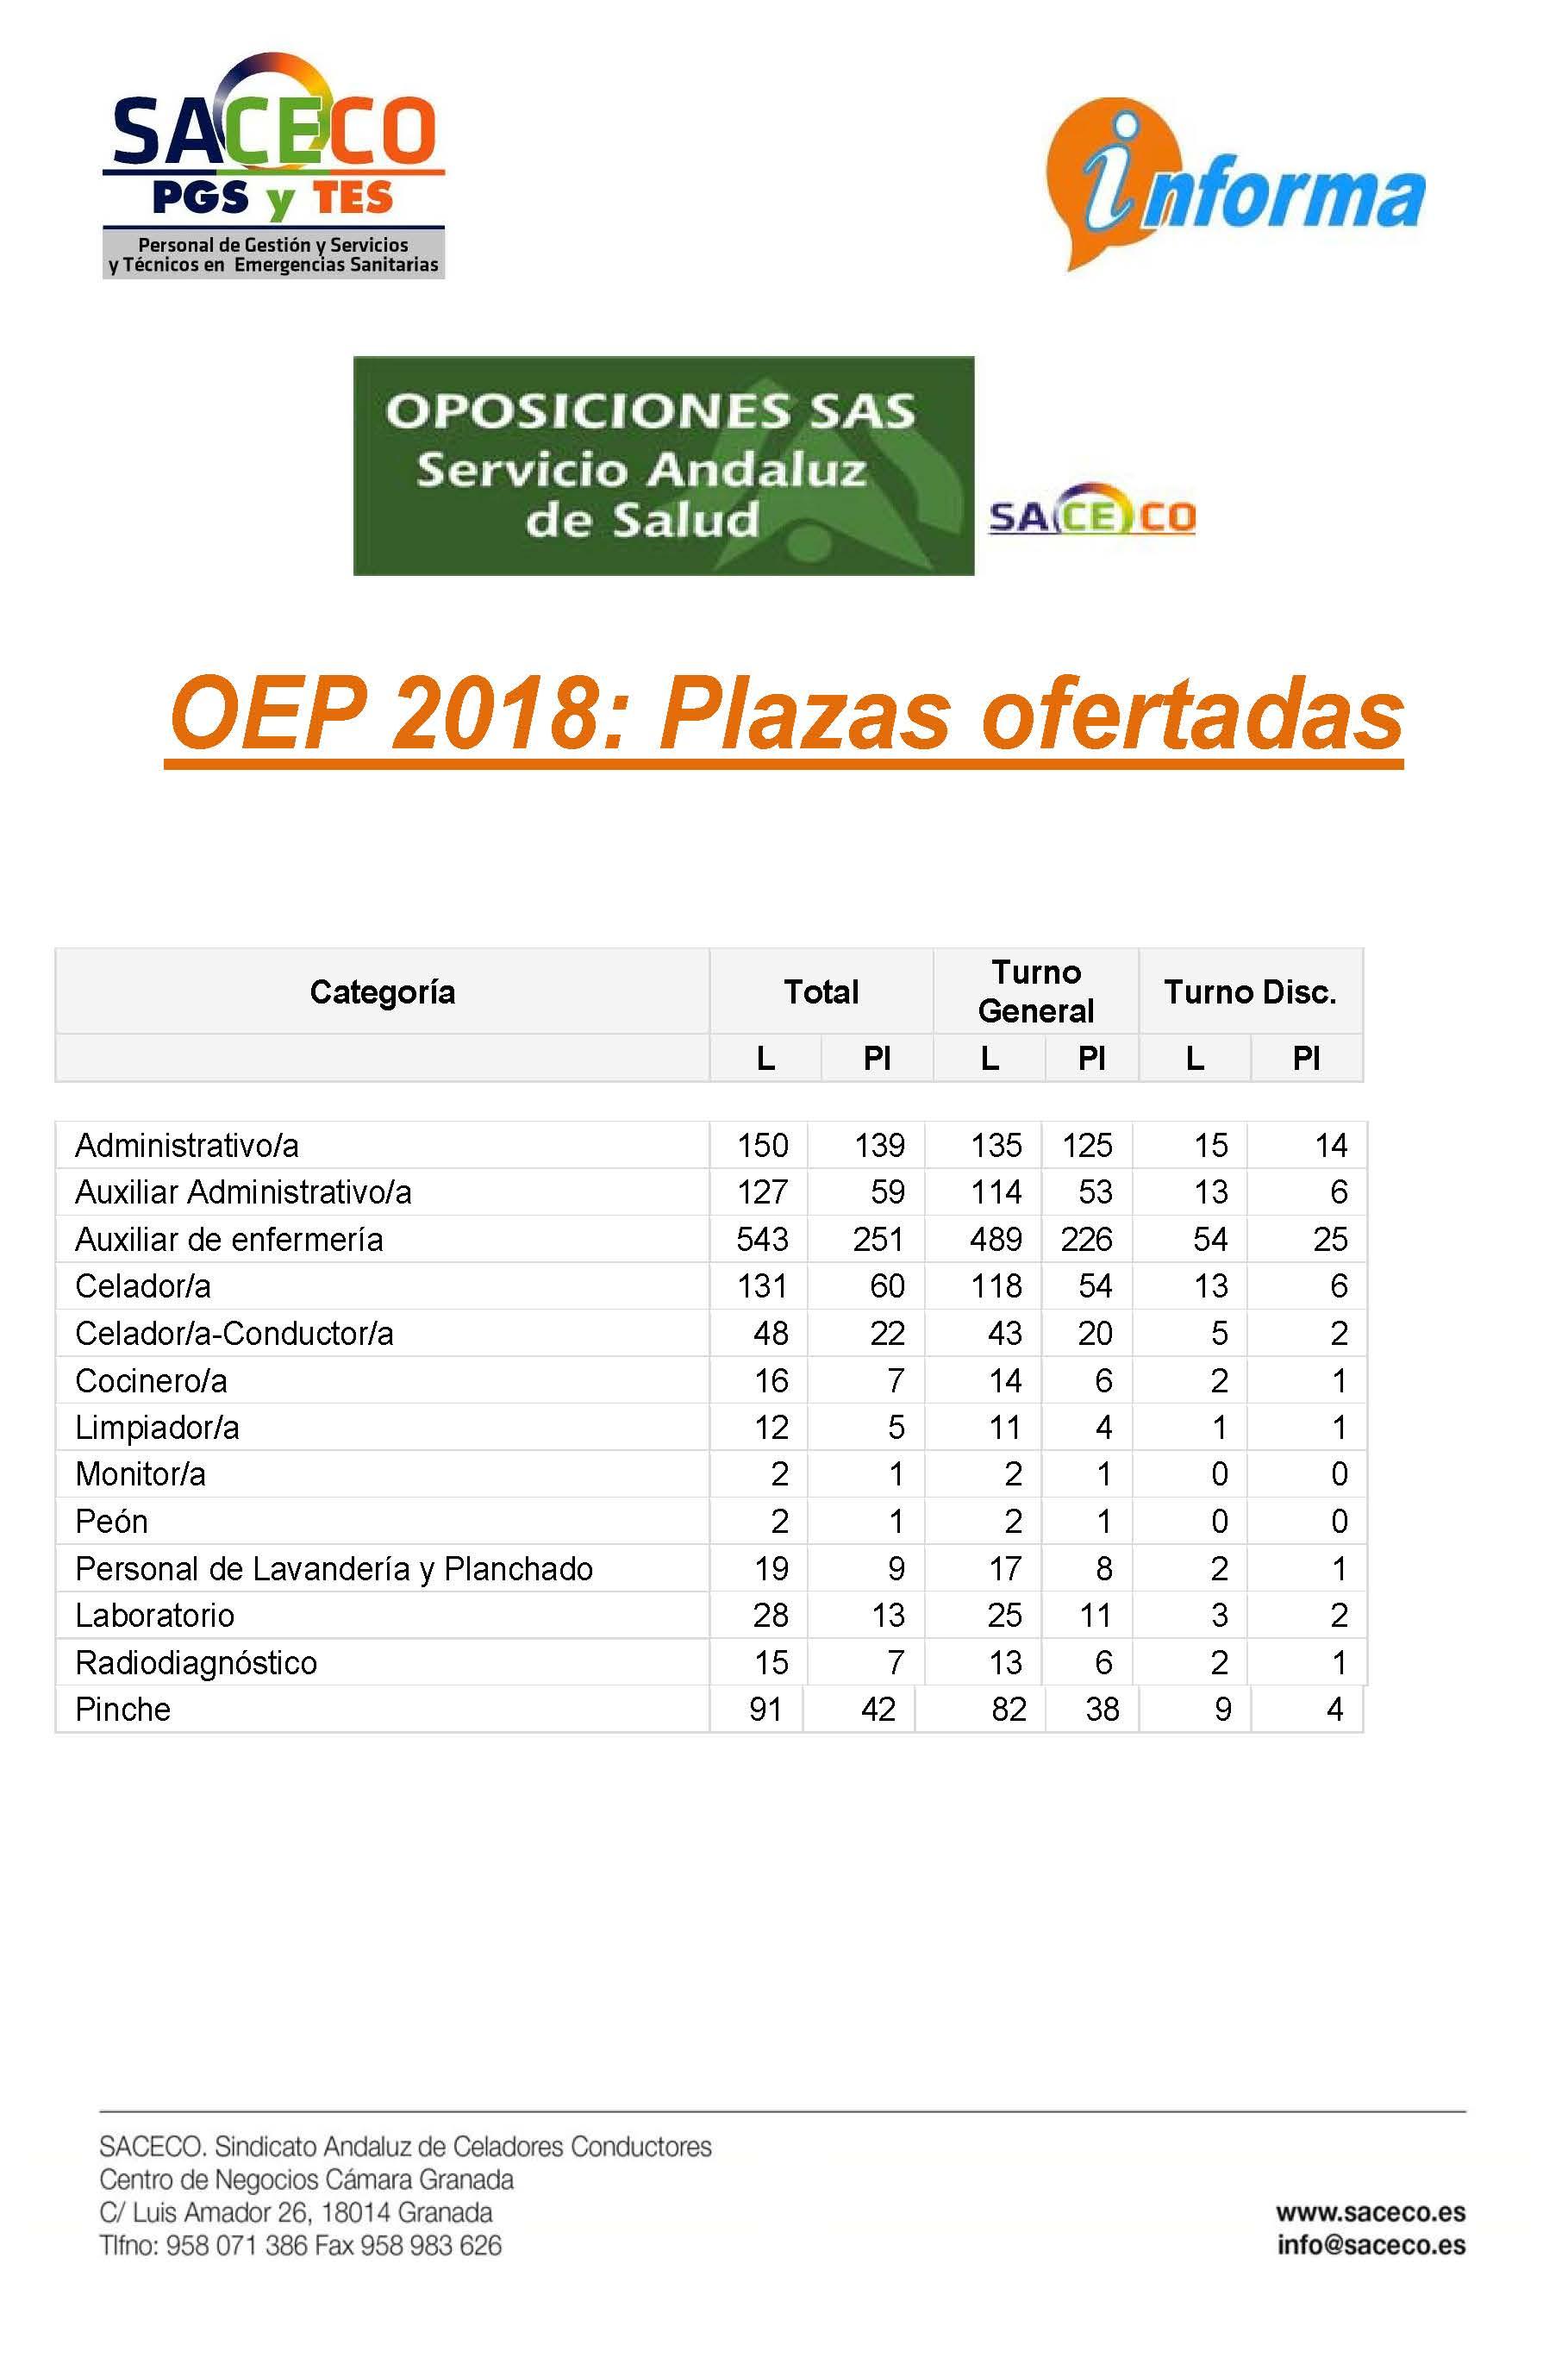 OPE 2018 PLAZAS OFERTADAS